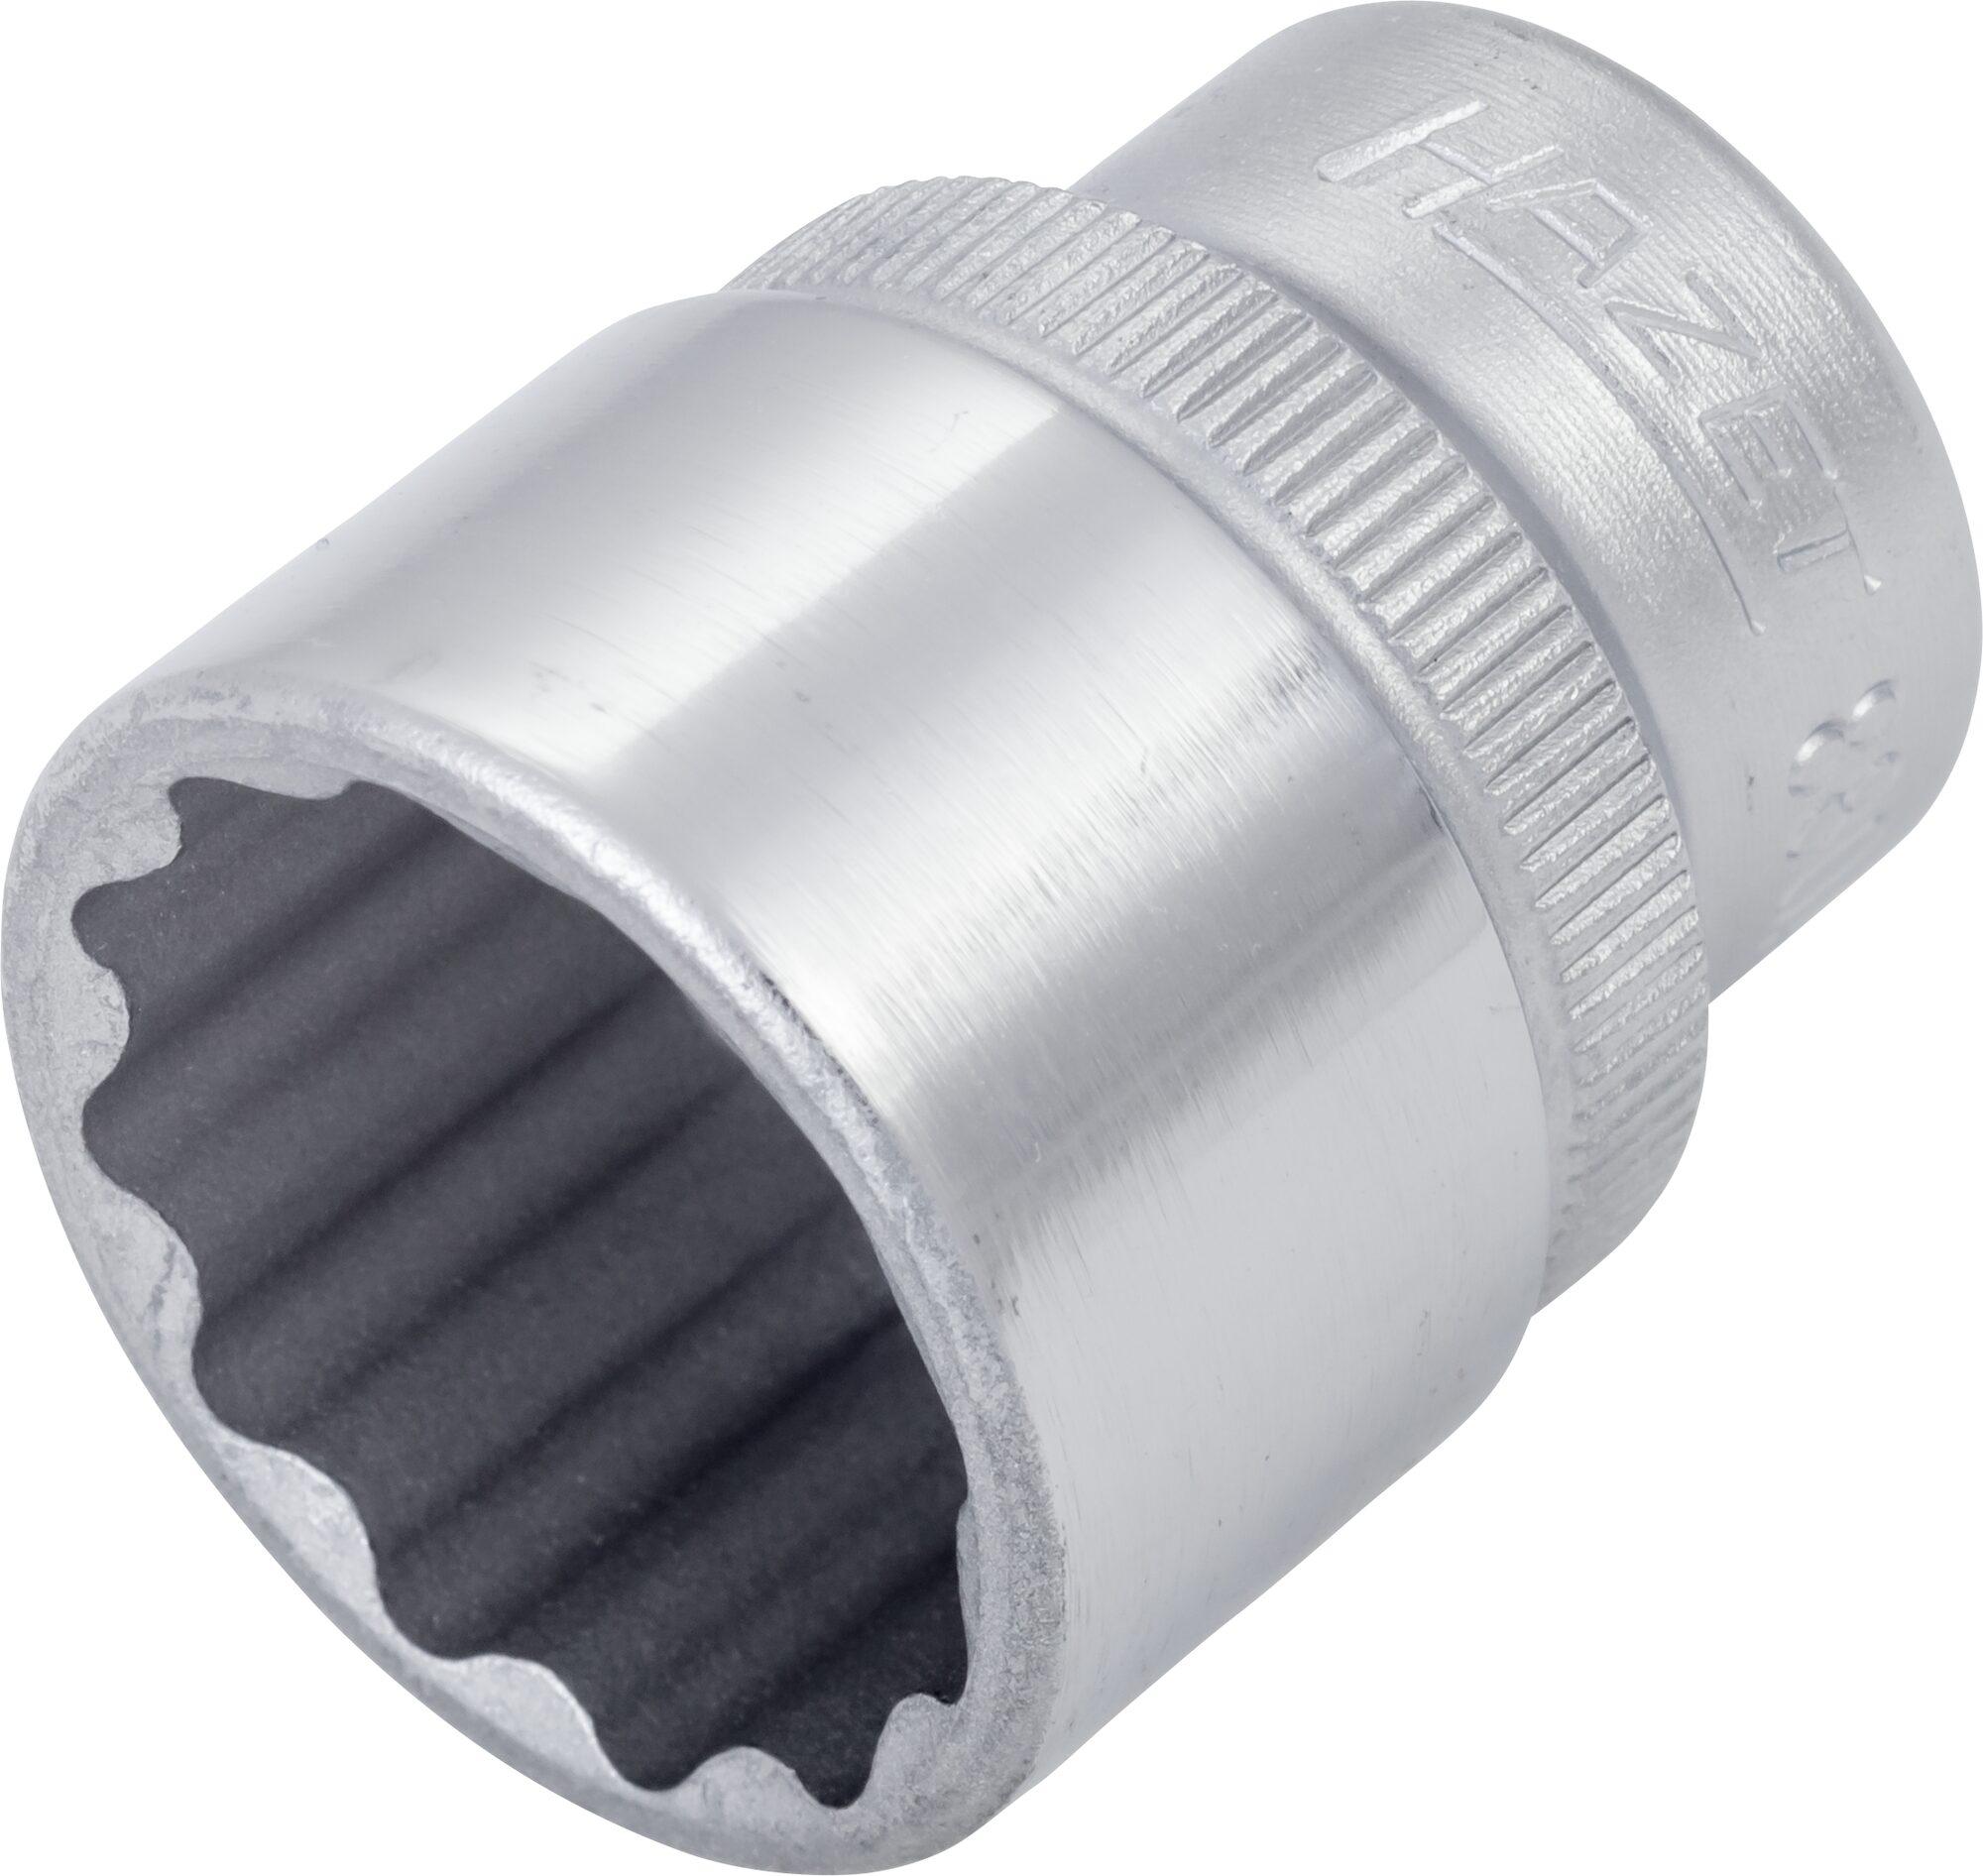 HAZET Steckschlüsseleinsatz ∙ Doppelsechskant 880AZ-3/4 ∙ Vierkant hohl 10 mm (3/8 Zoll) ∙ 3⁄4 ″